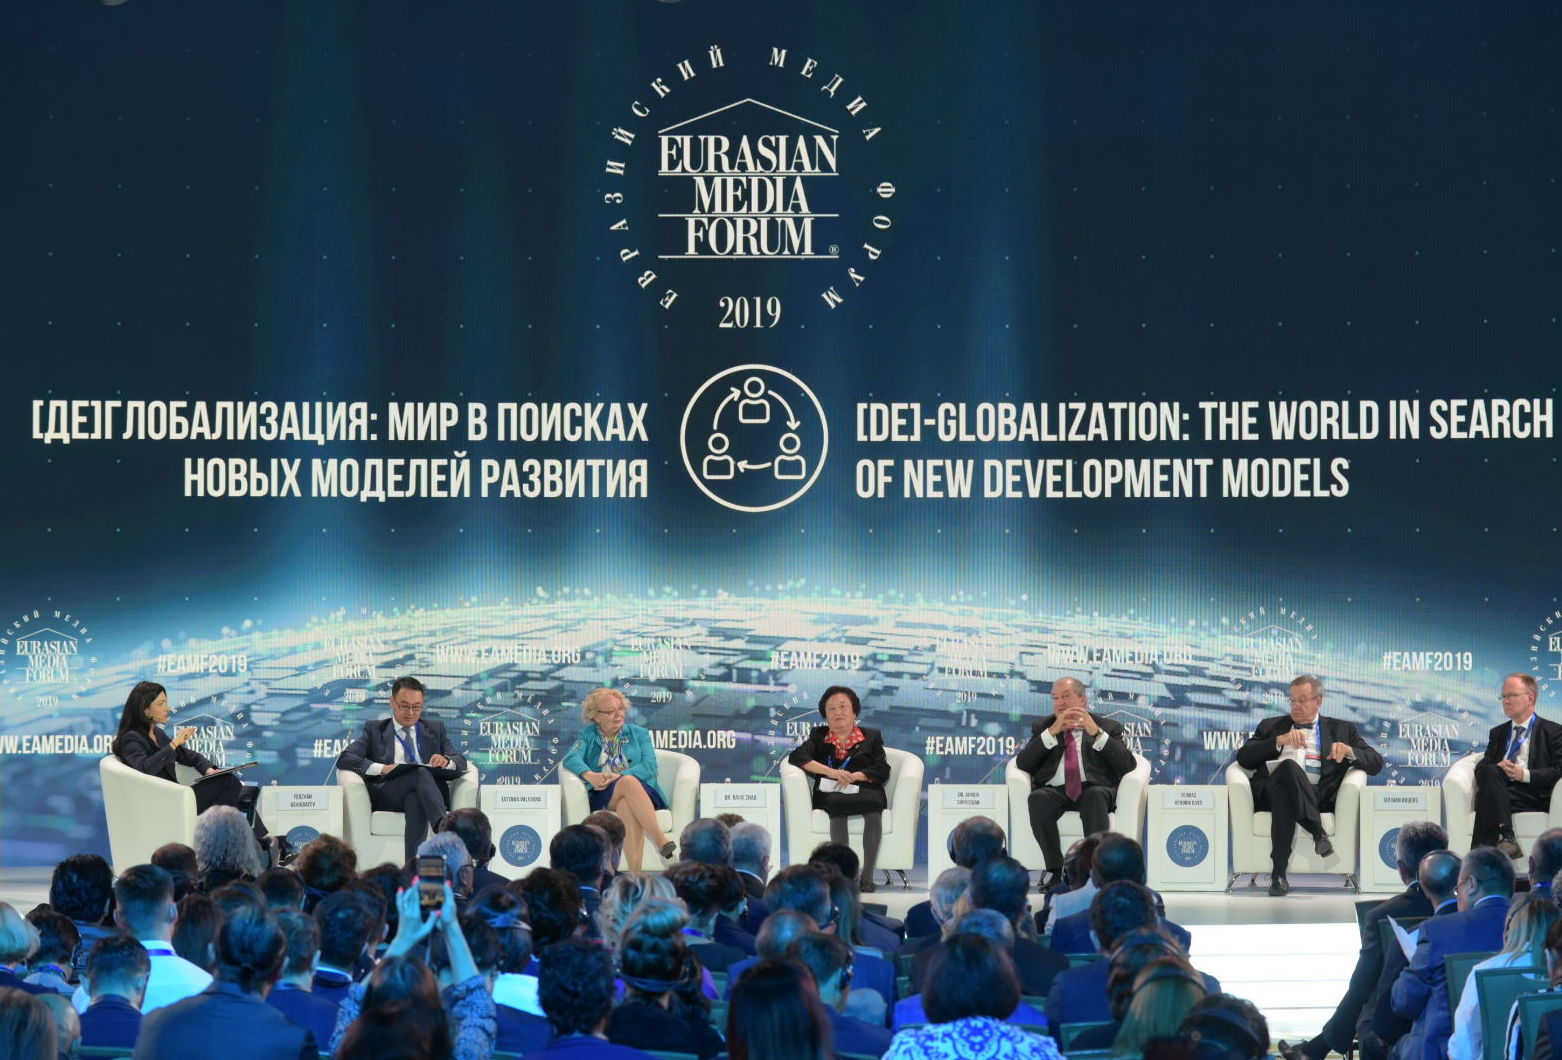 Спикеры Евразийского медиафорума